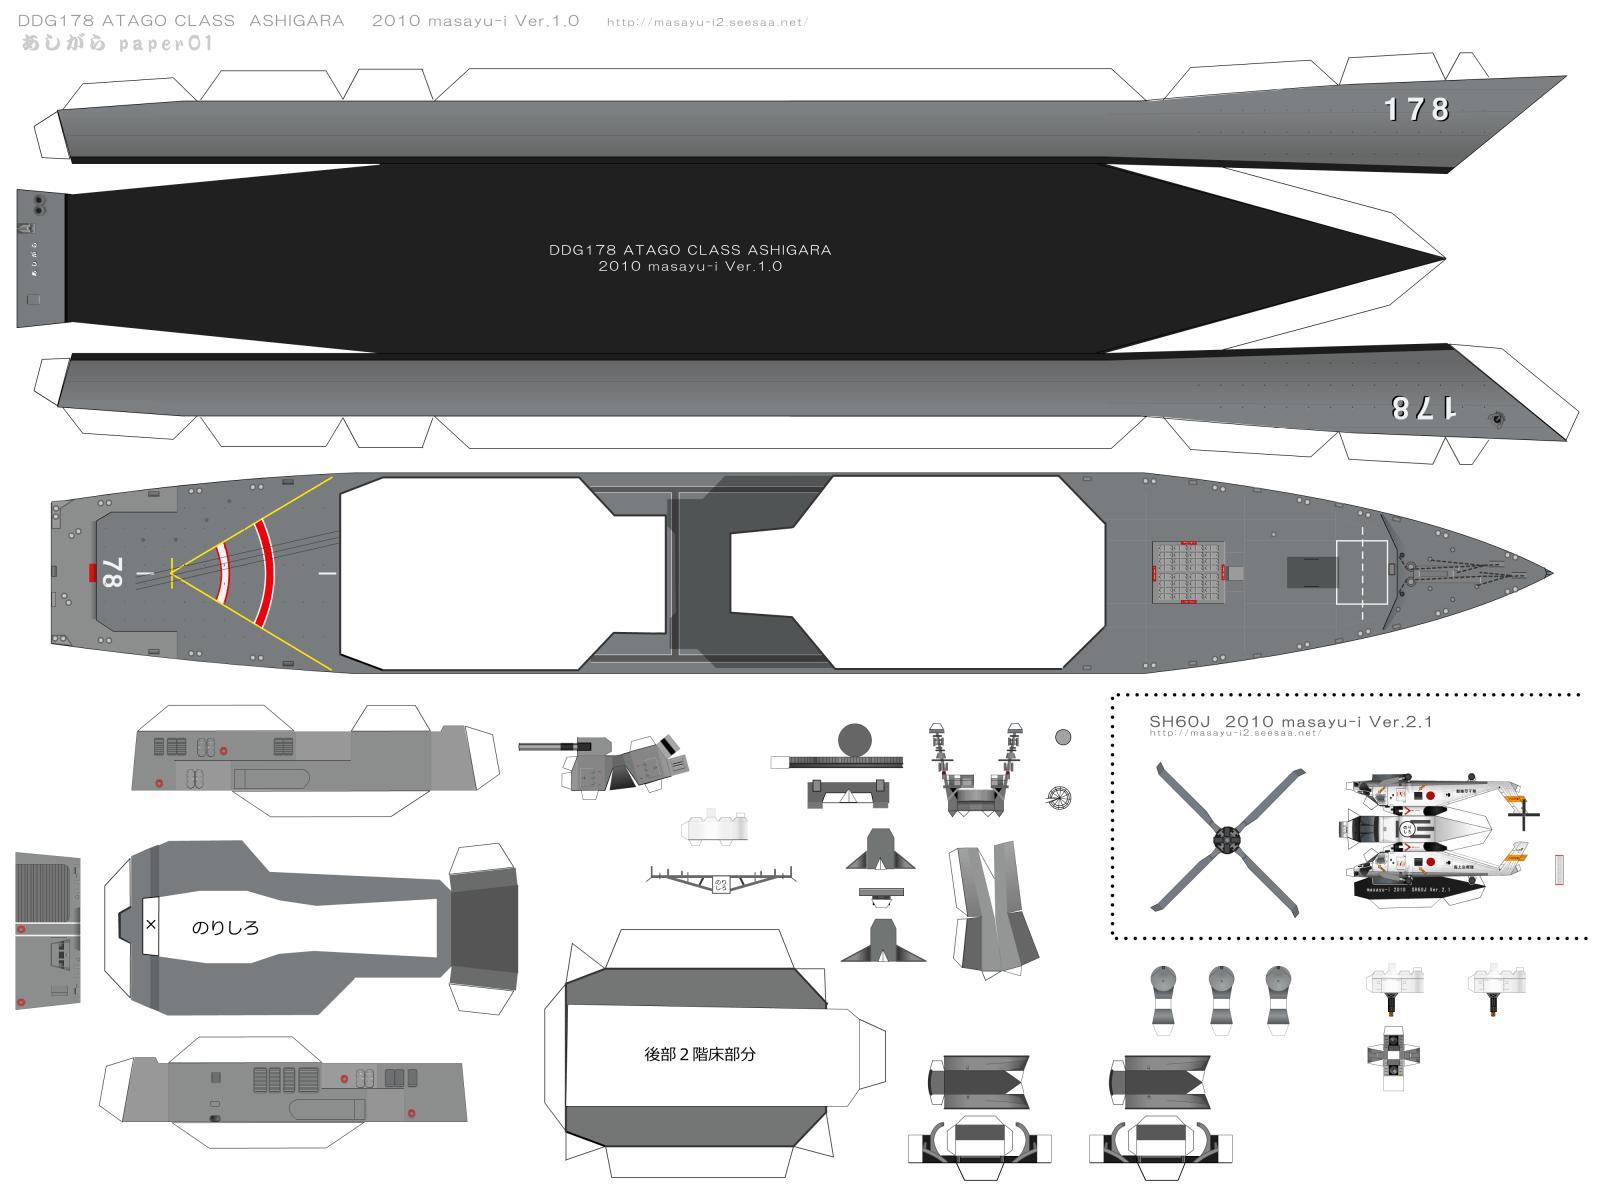 Модели из бумаги кораблей своими руками